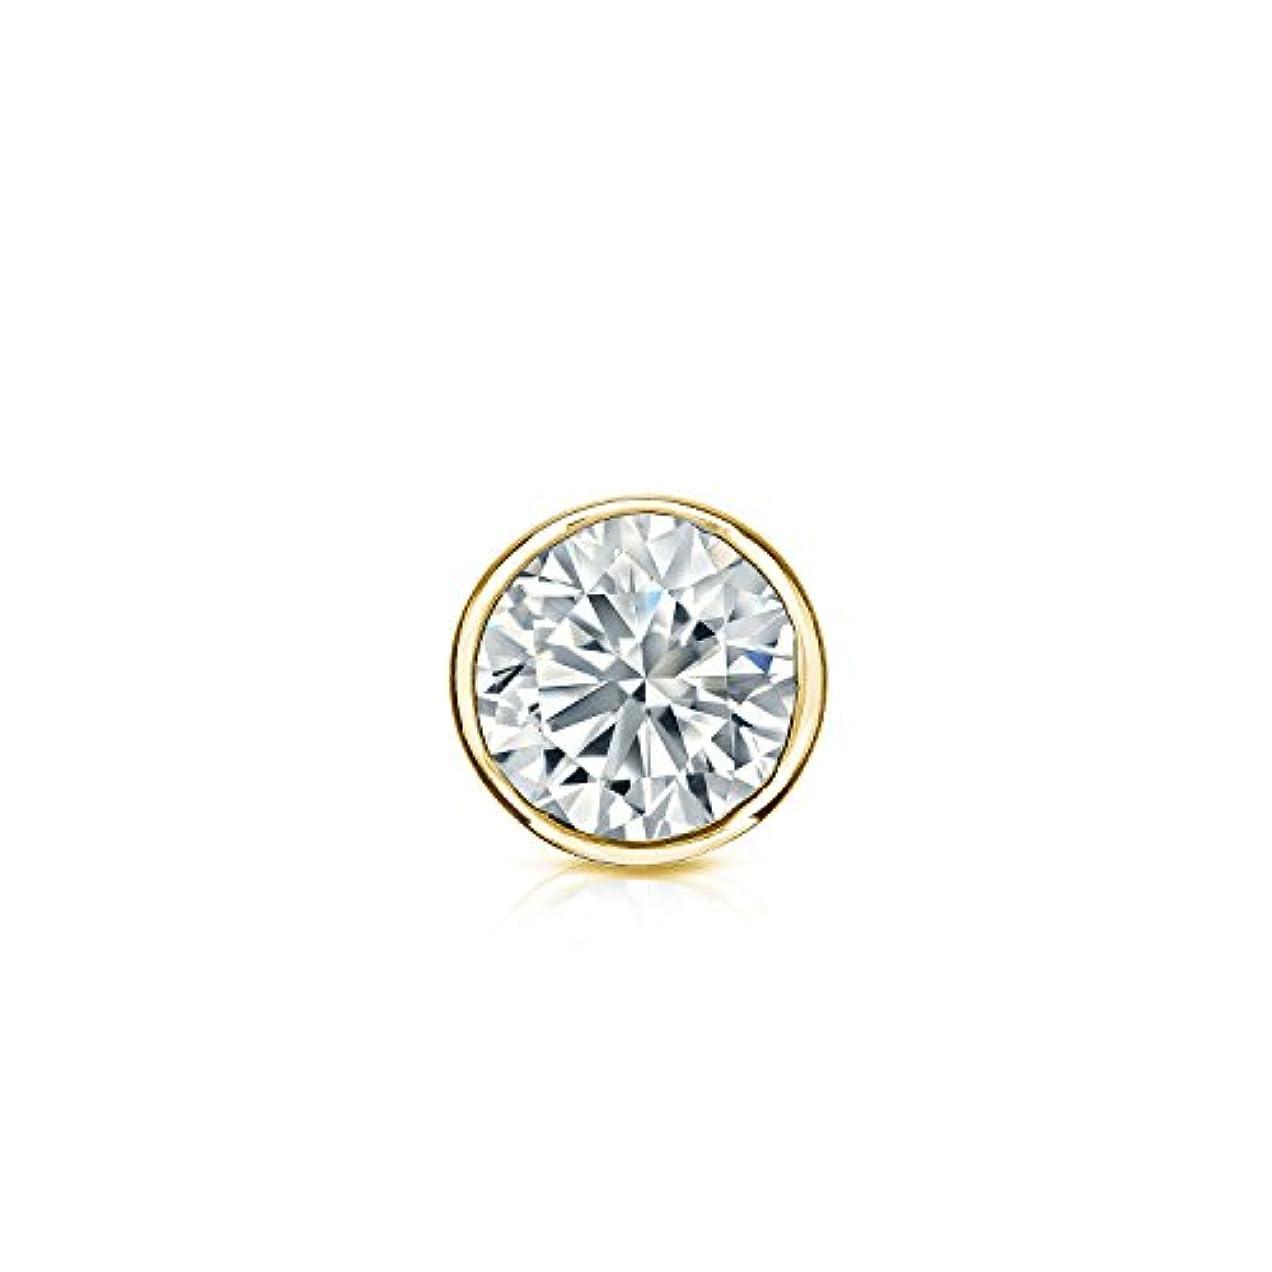 推進大統領自信がある14 Kホワイトゴールドbezel-setラウンドダイヤモンドシングルスタッドイヤリング( 1 / 8 – 1 CT、G - H , si2 ) screw-back